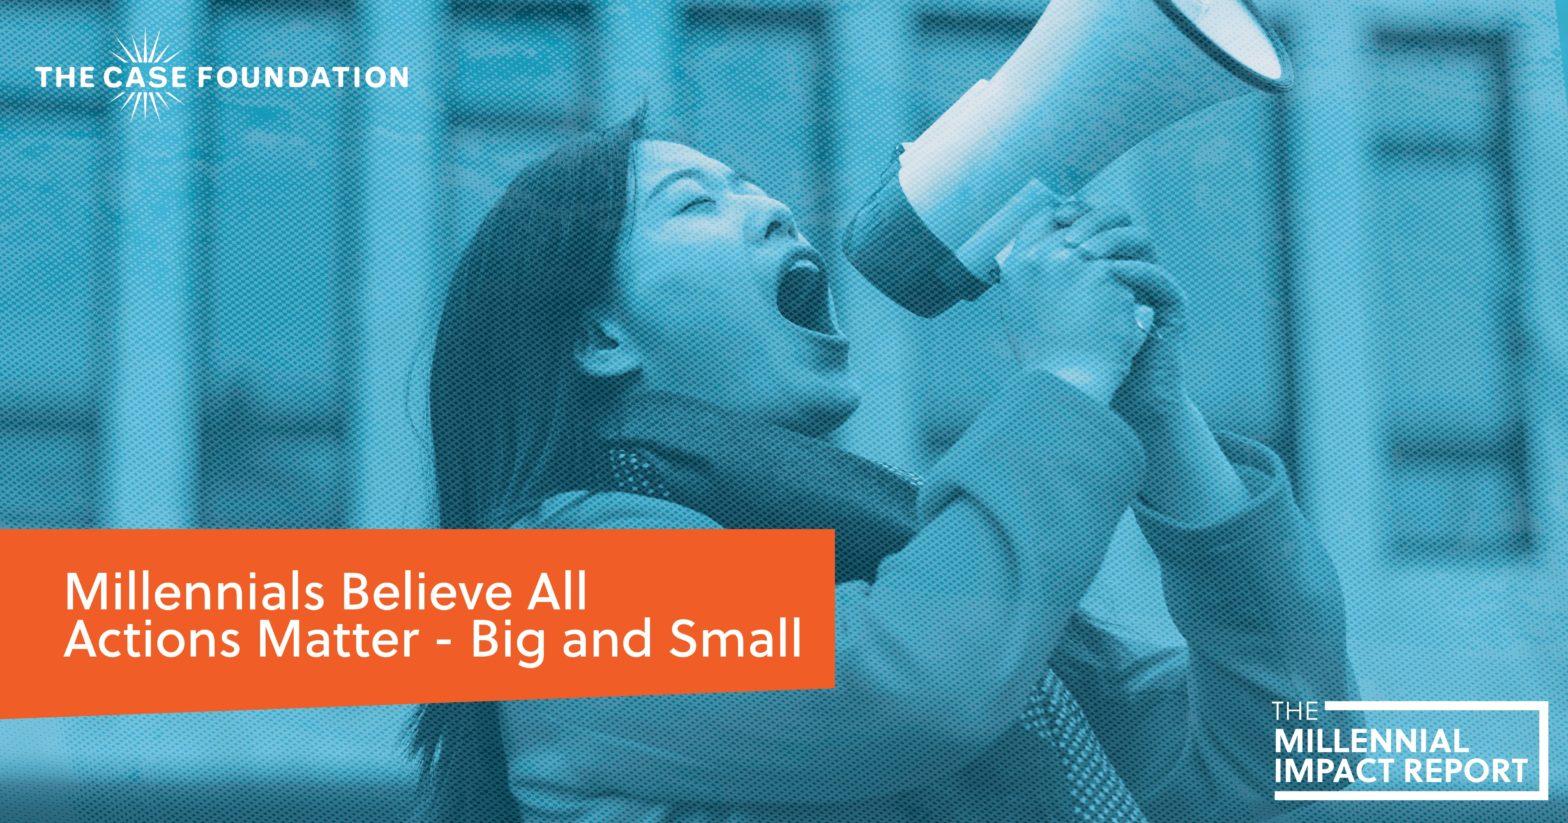 millennials-believe-all-actions-matter